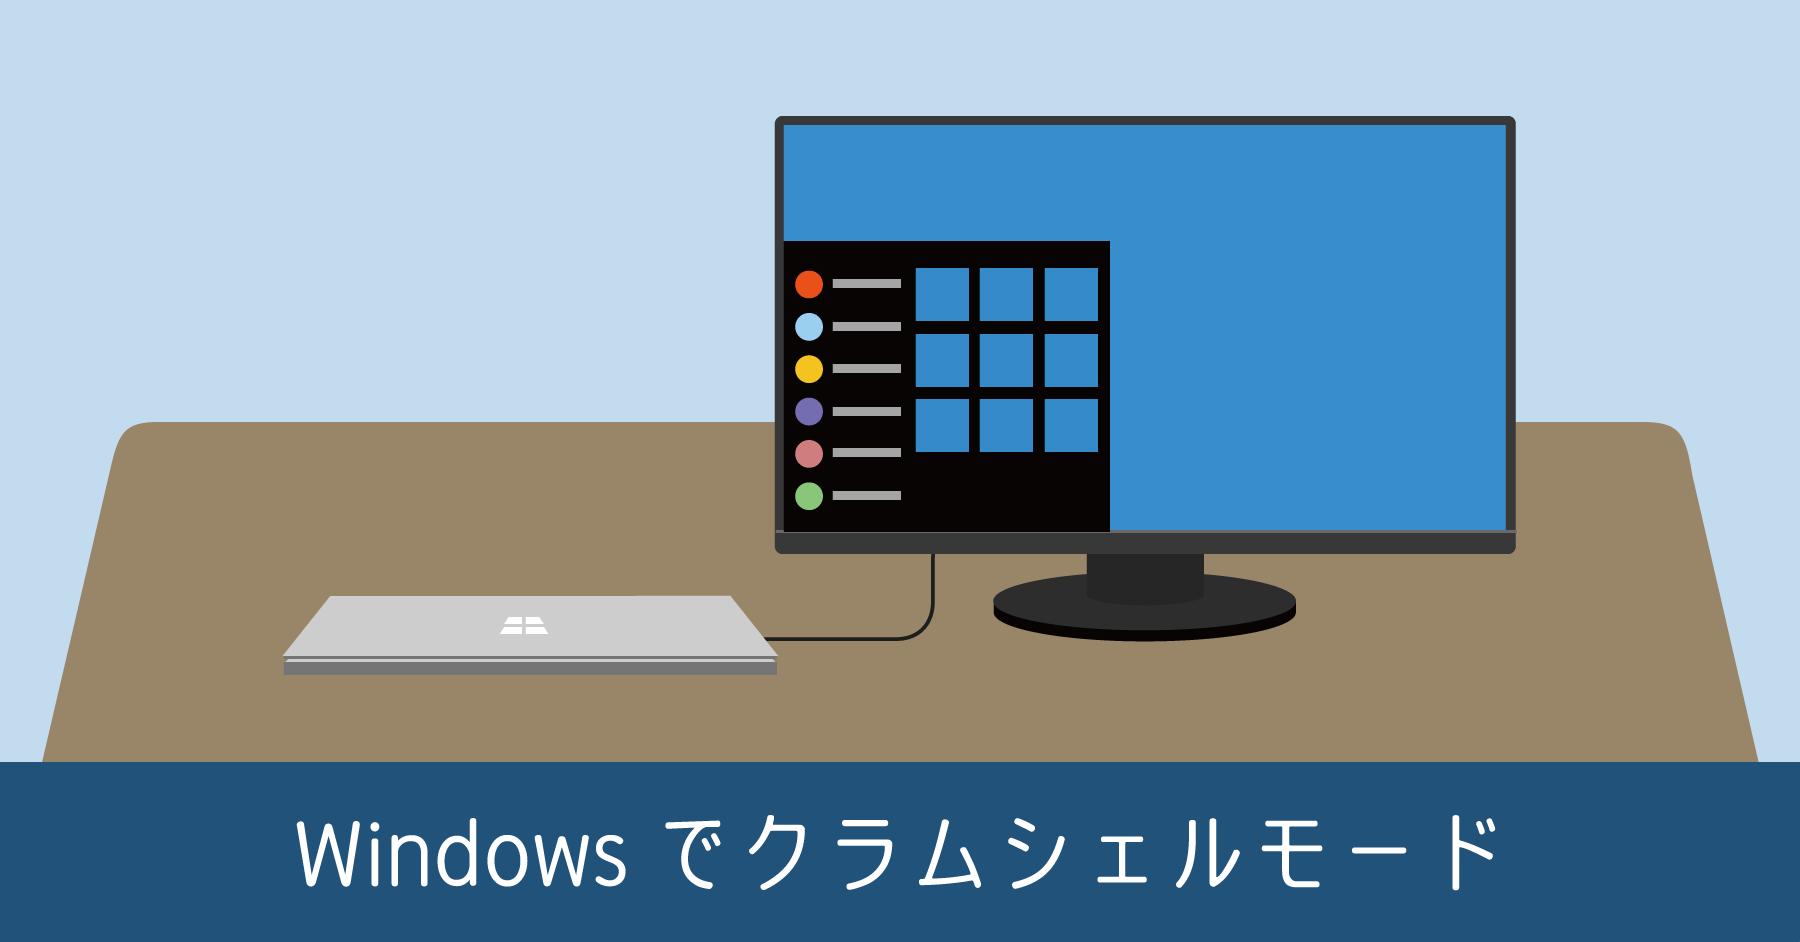 Windows 10 ノートパソコンを閉じてもスリープさせない方法